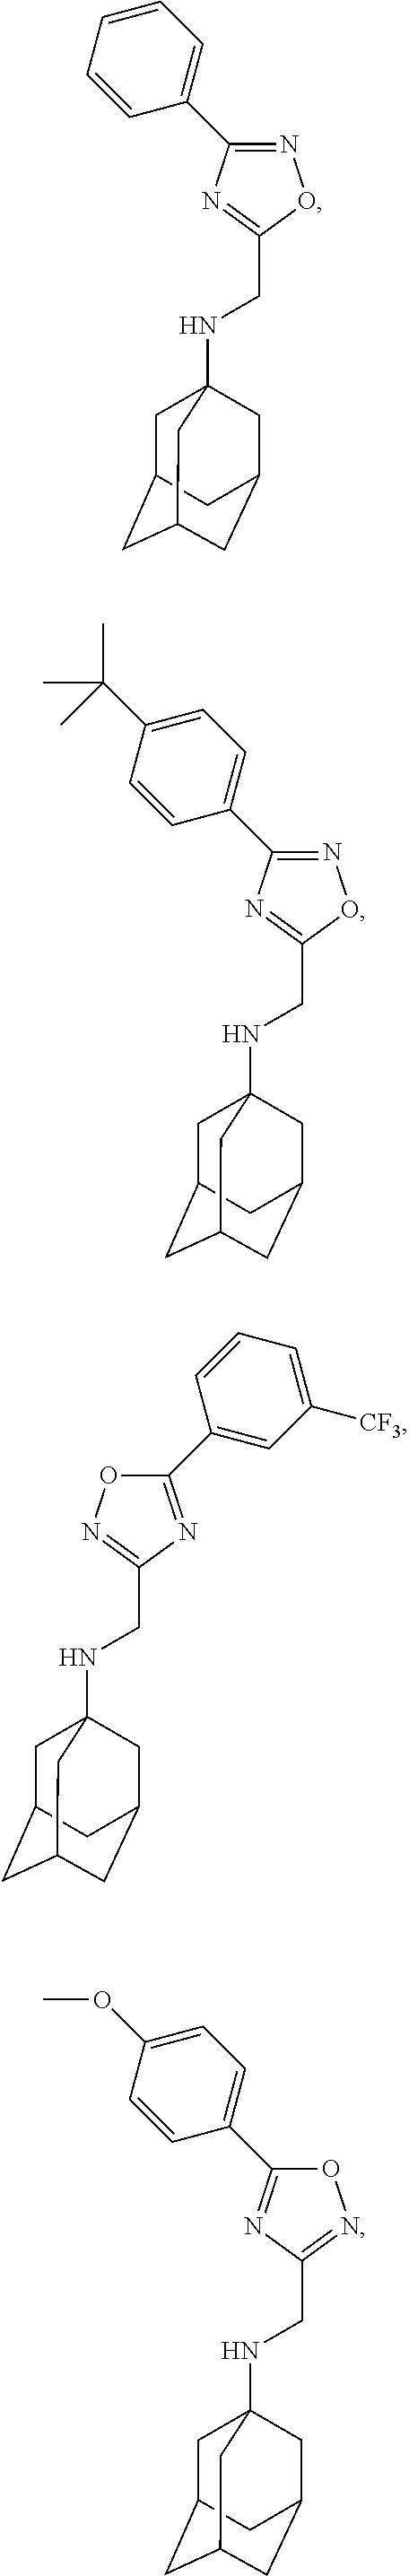 Figure US09884832-20180206-C00054